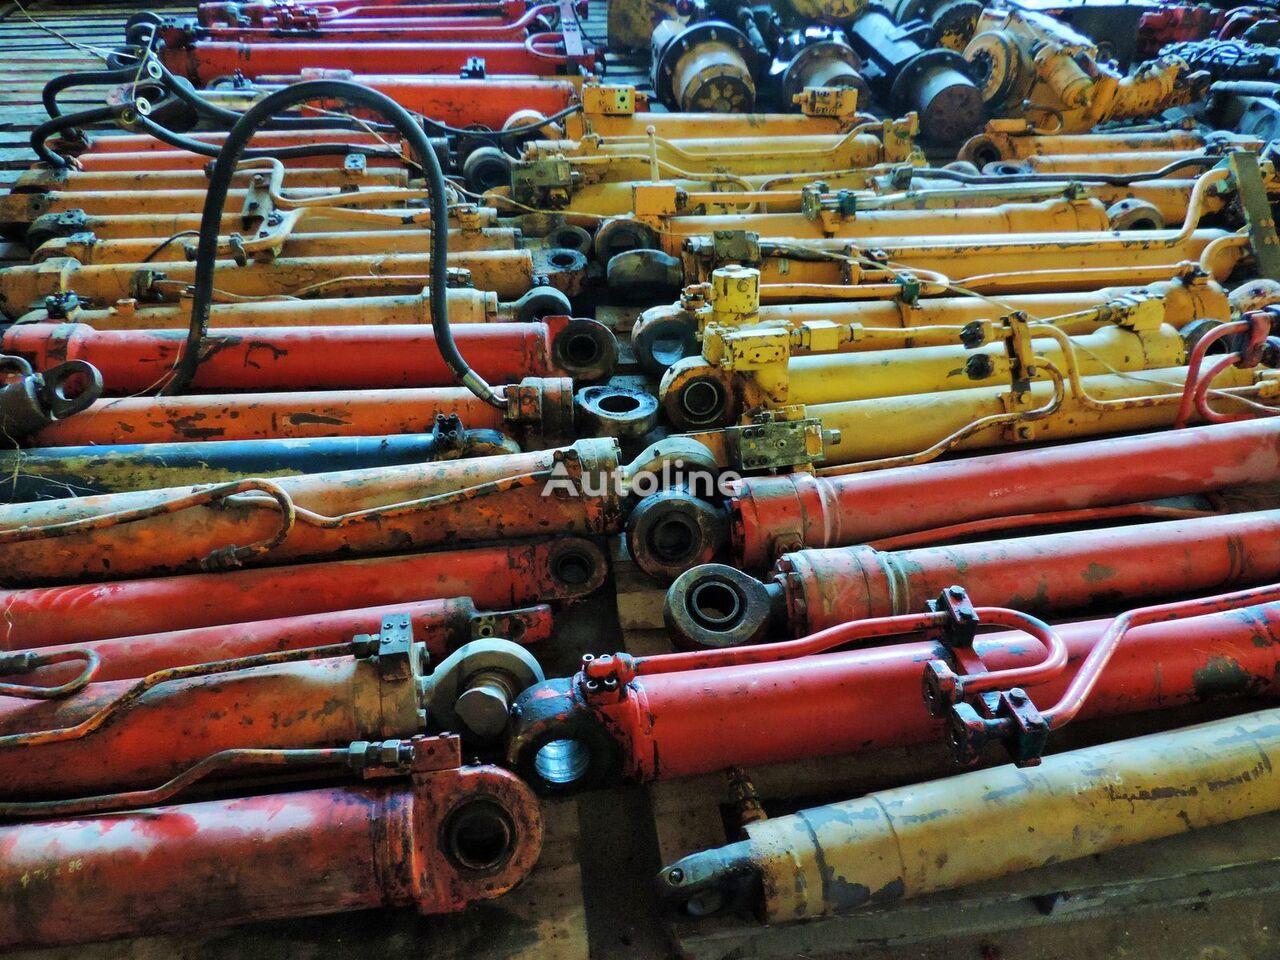 LIEBHERR 902 LITRONIK hydraulic cylinder for LIEBHERR 900 excavator